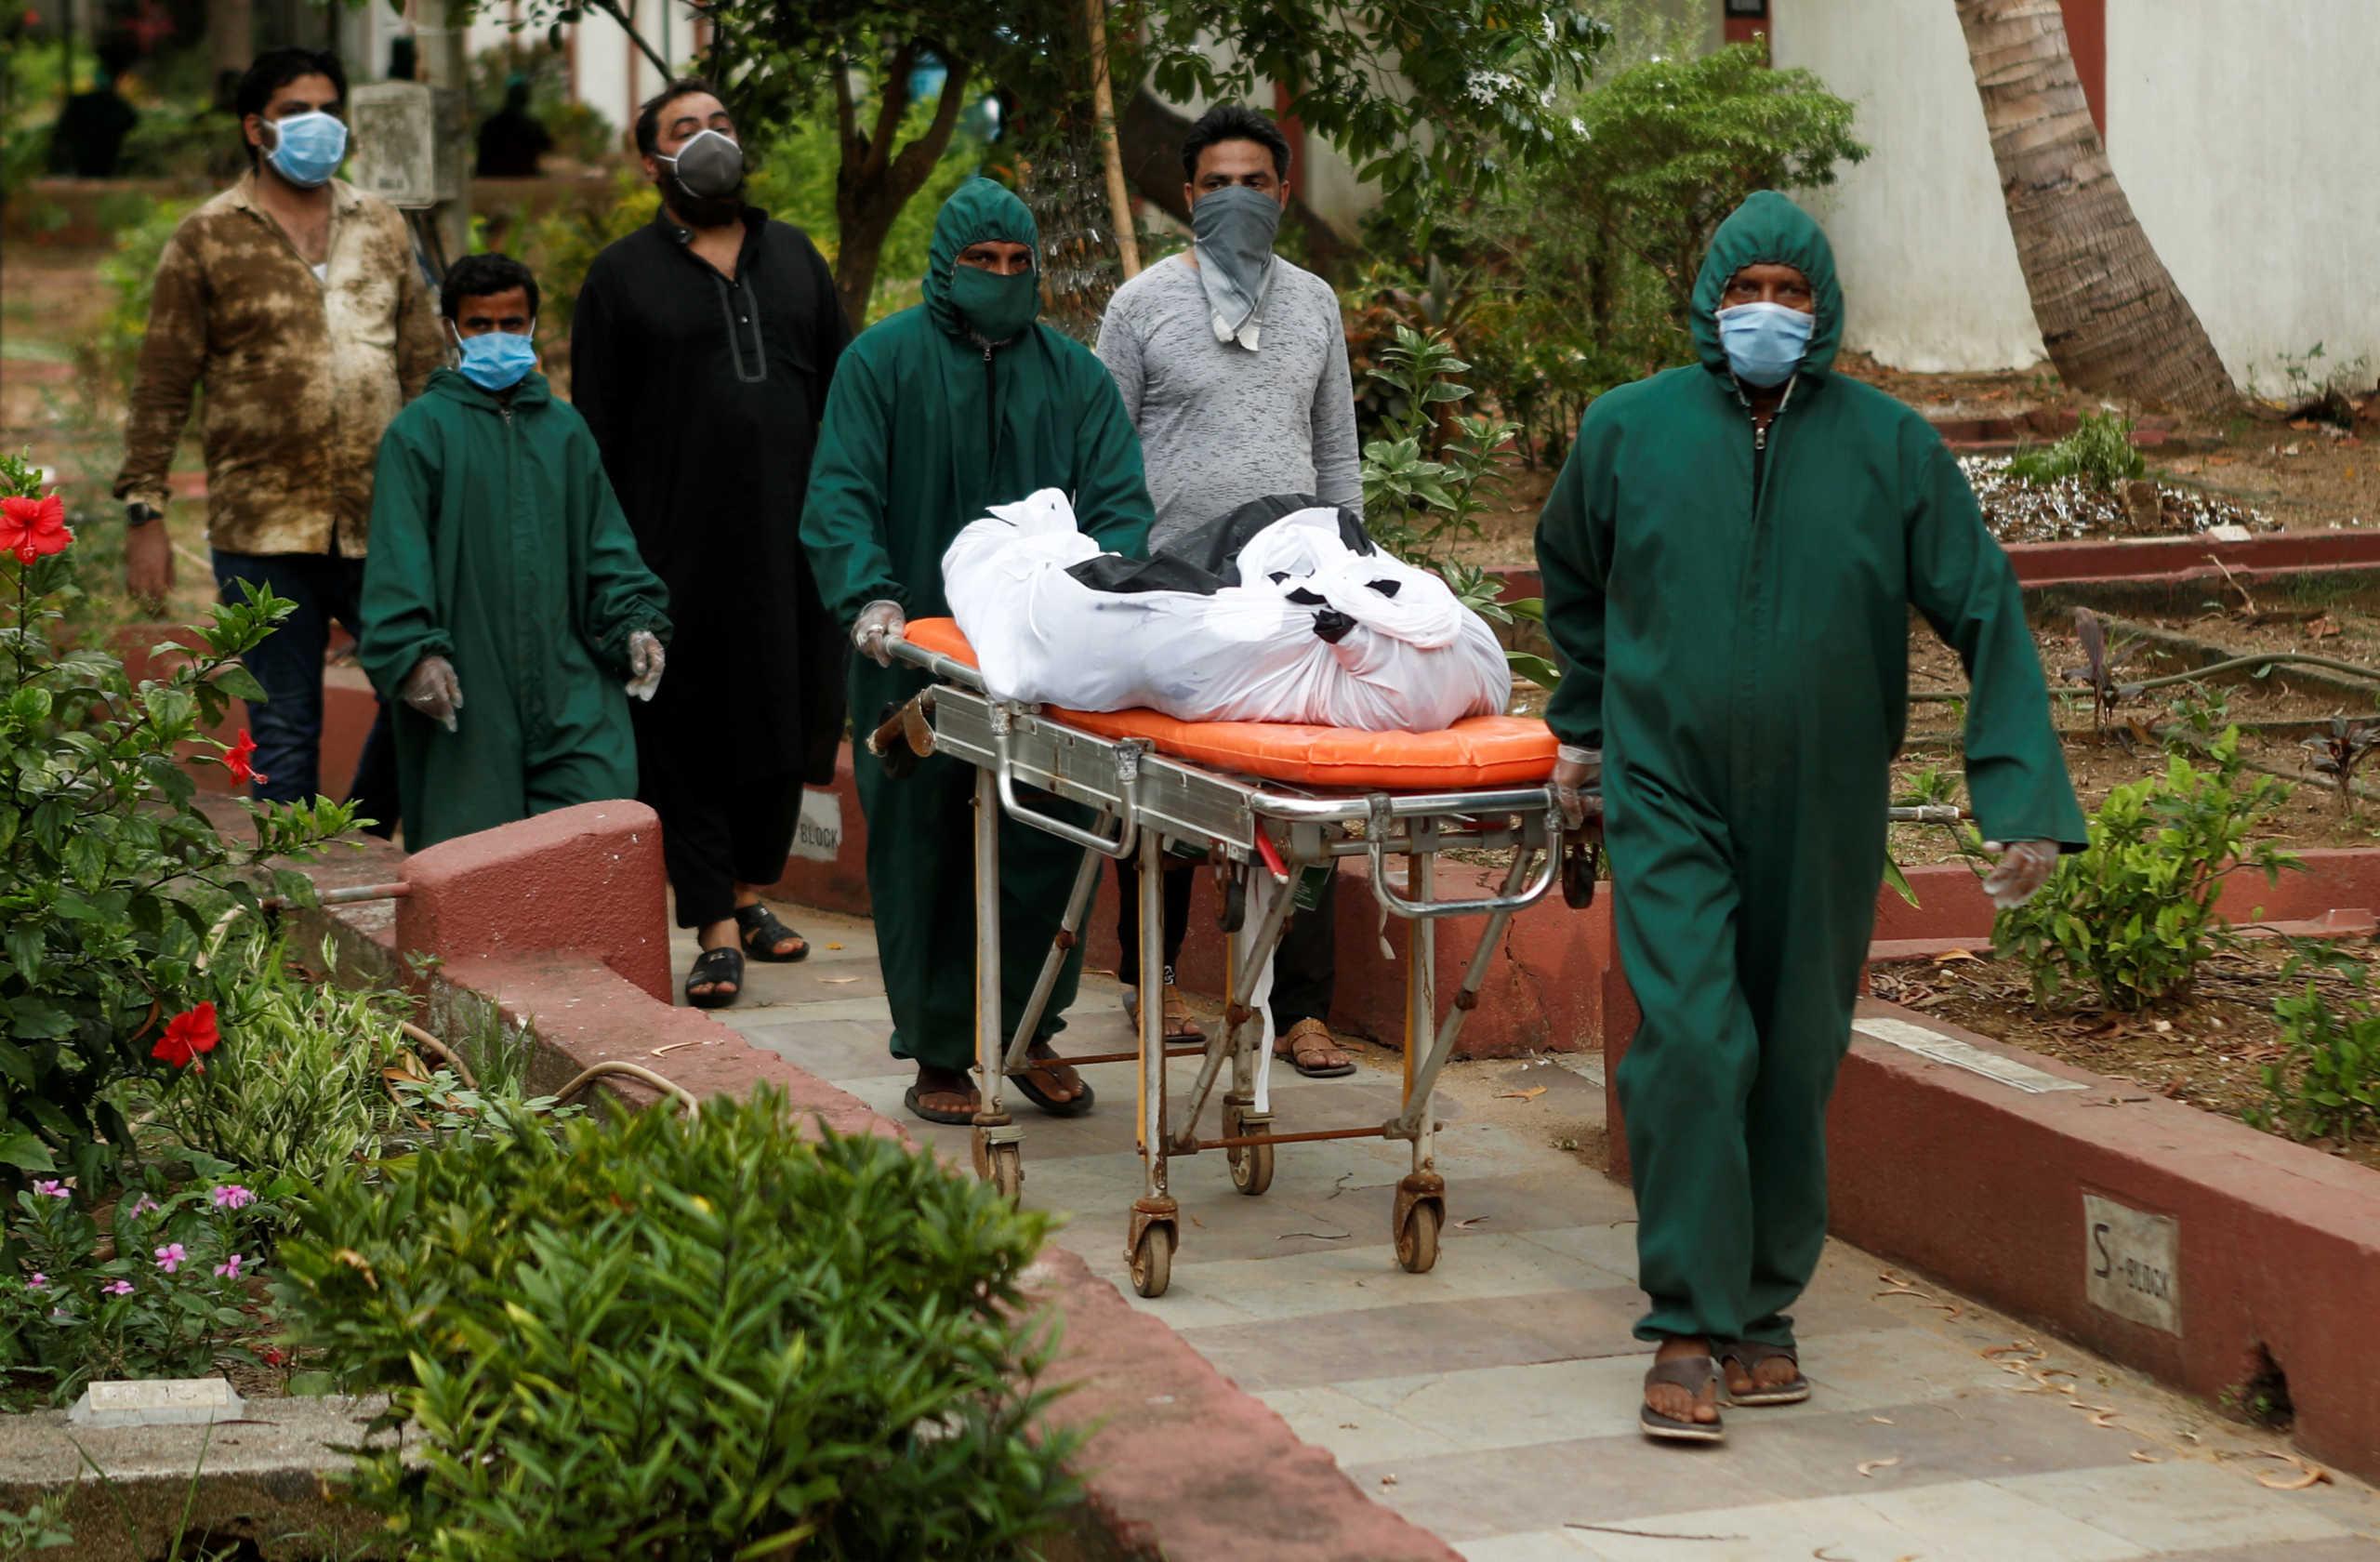 Ινδία: Πάνω από 127.000 νεκροί από κορονοϊό – Τα 8,6 εκατ. πλησιάζουν τα κρούσματα